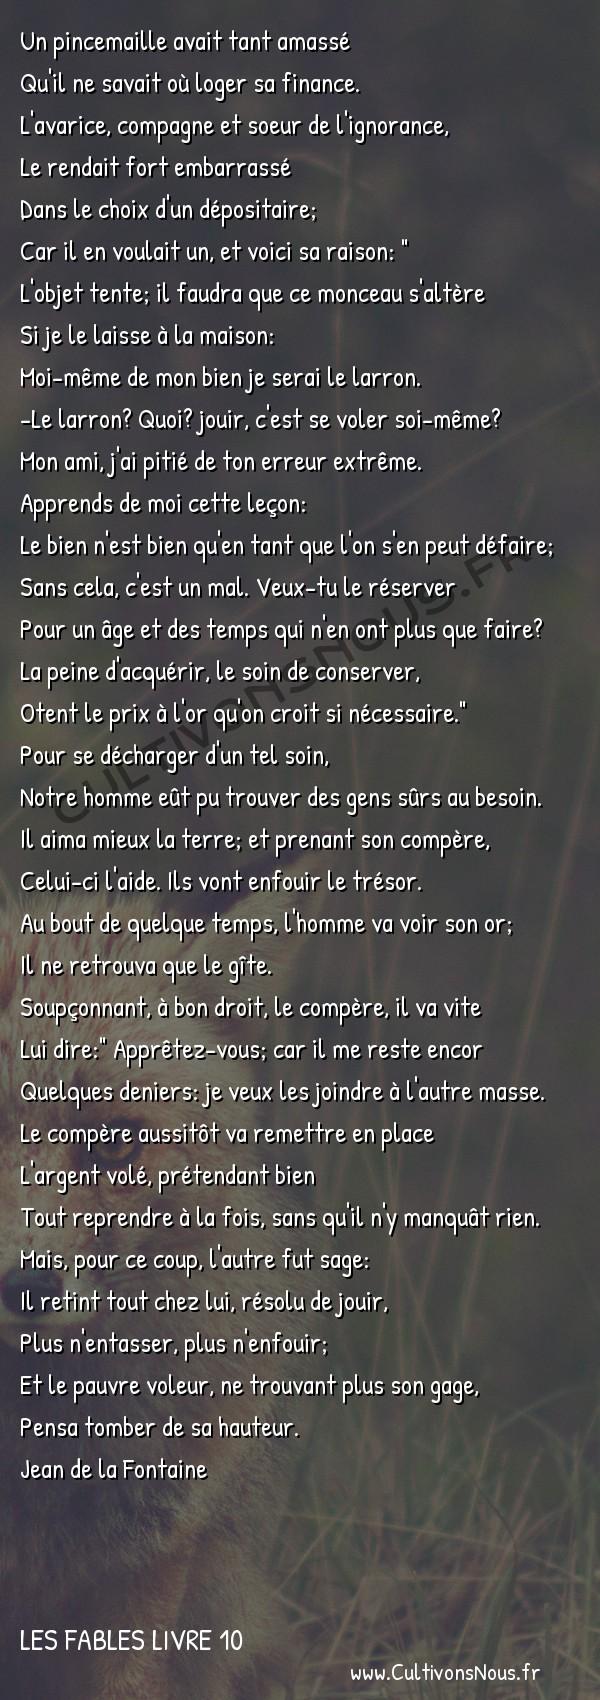 Fables Jean de la Fontaine - Les fables Livre 10 - L'Enfouisseur et son Compère -   Un pincemaille avait tant amassé Qu'il ne savait où loger sa finance.